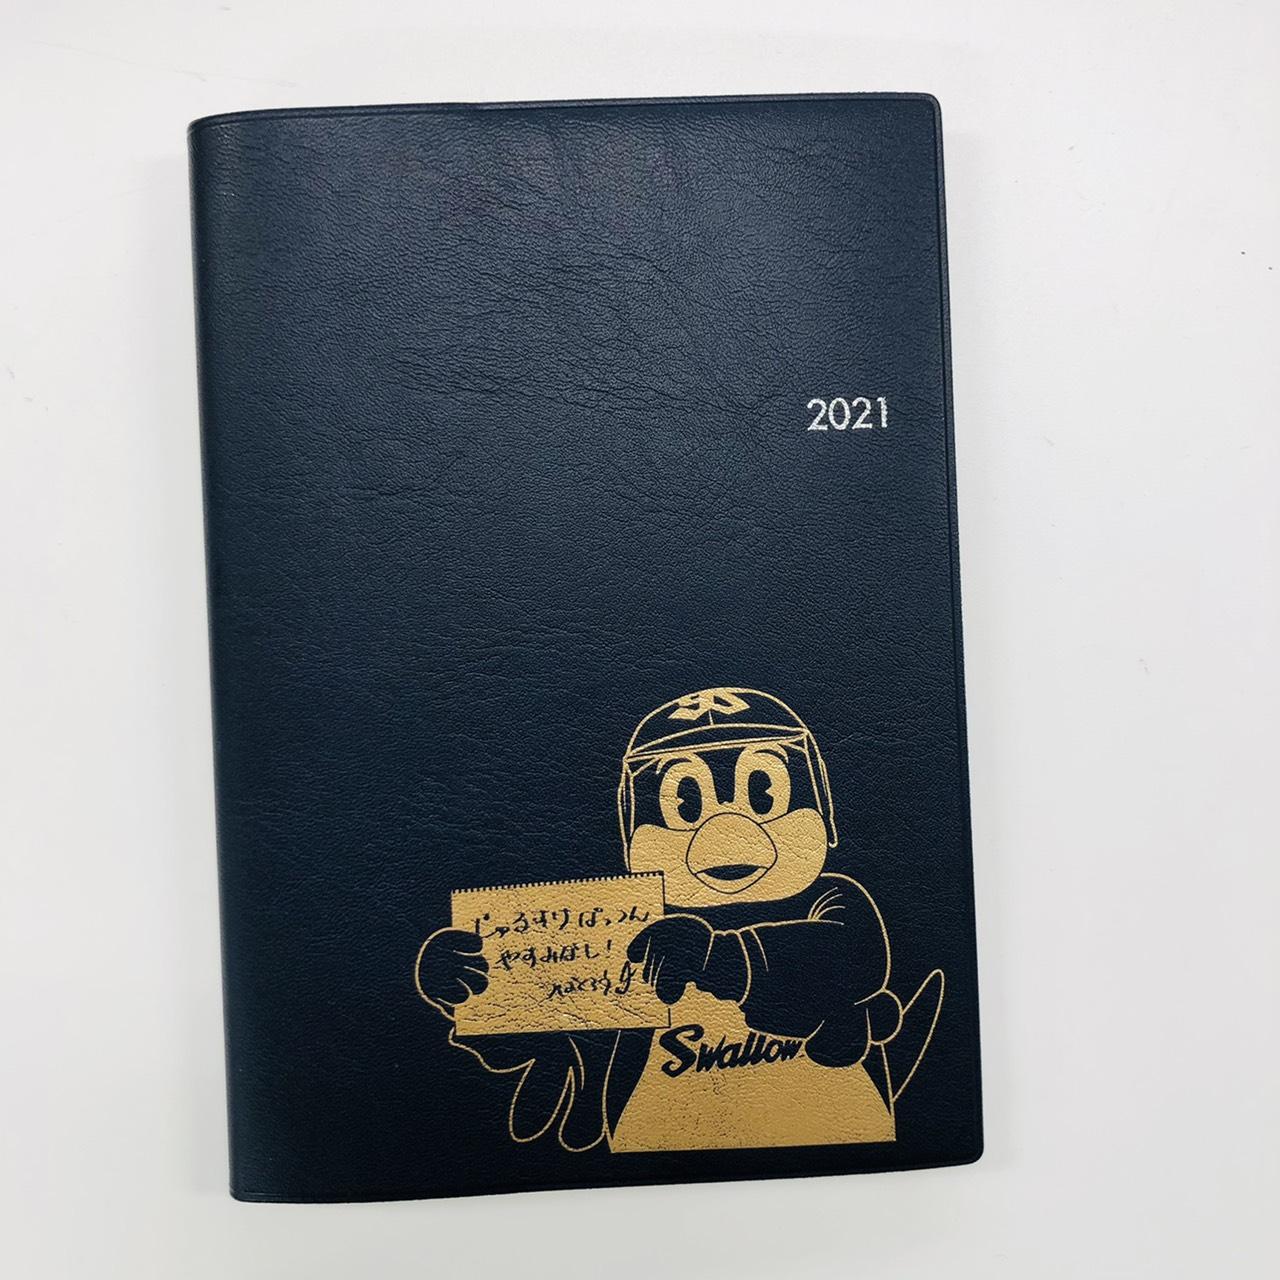 つば九郎×NOLTY 2021コラボ手帳(B6サイズ)